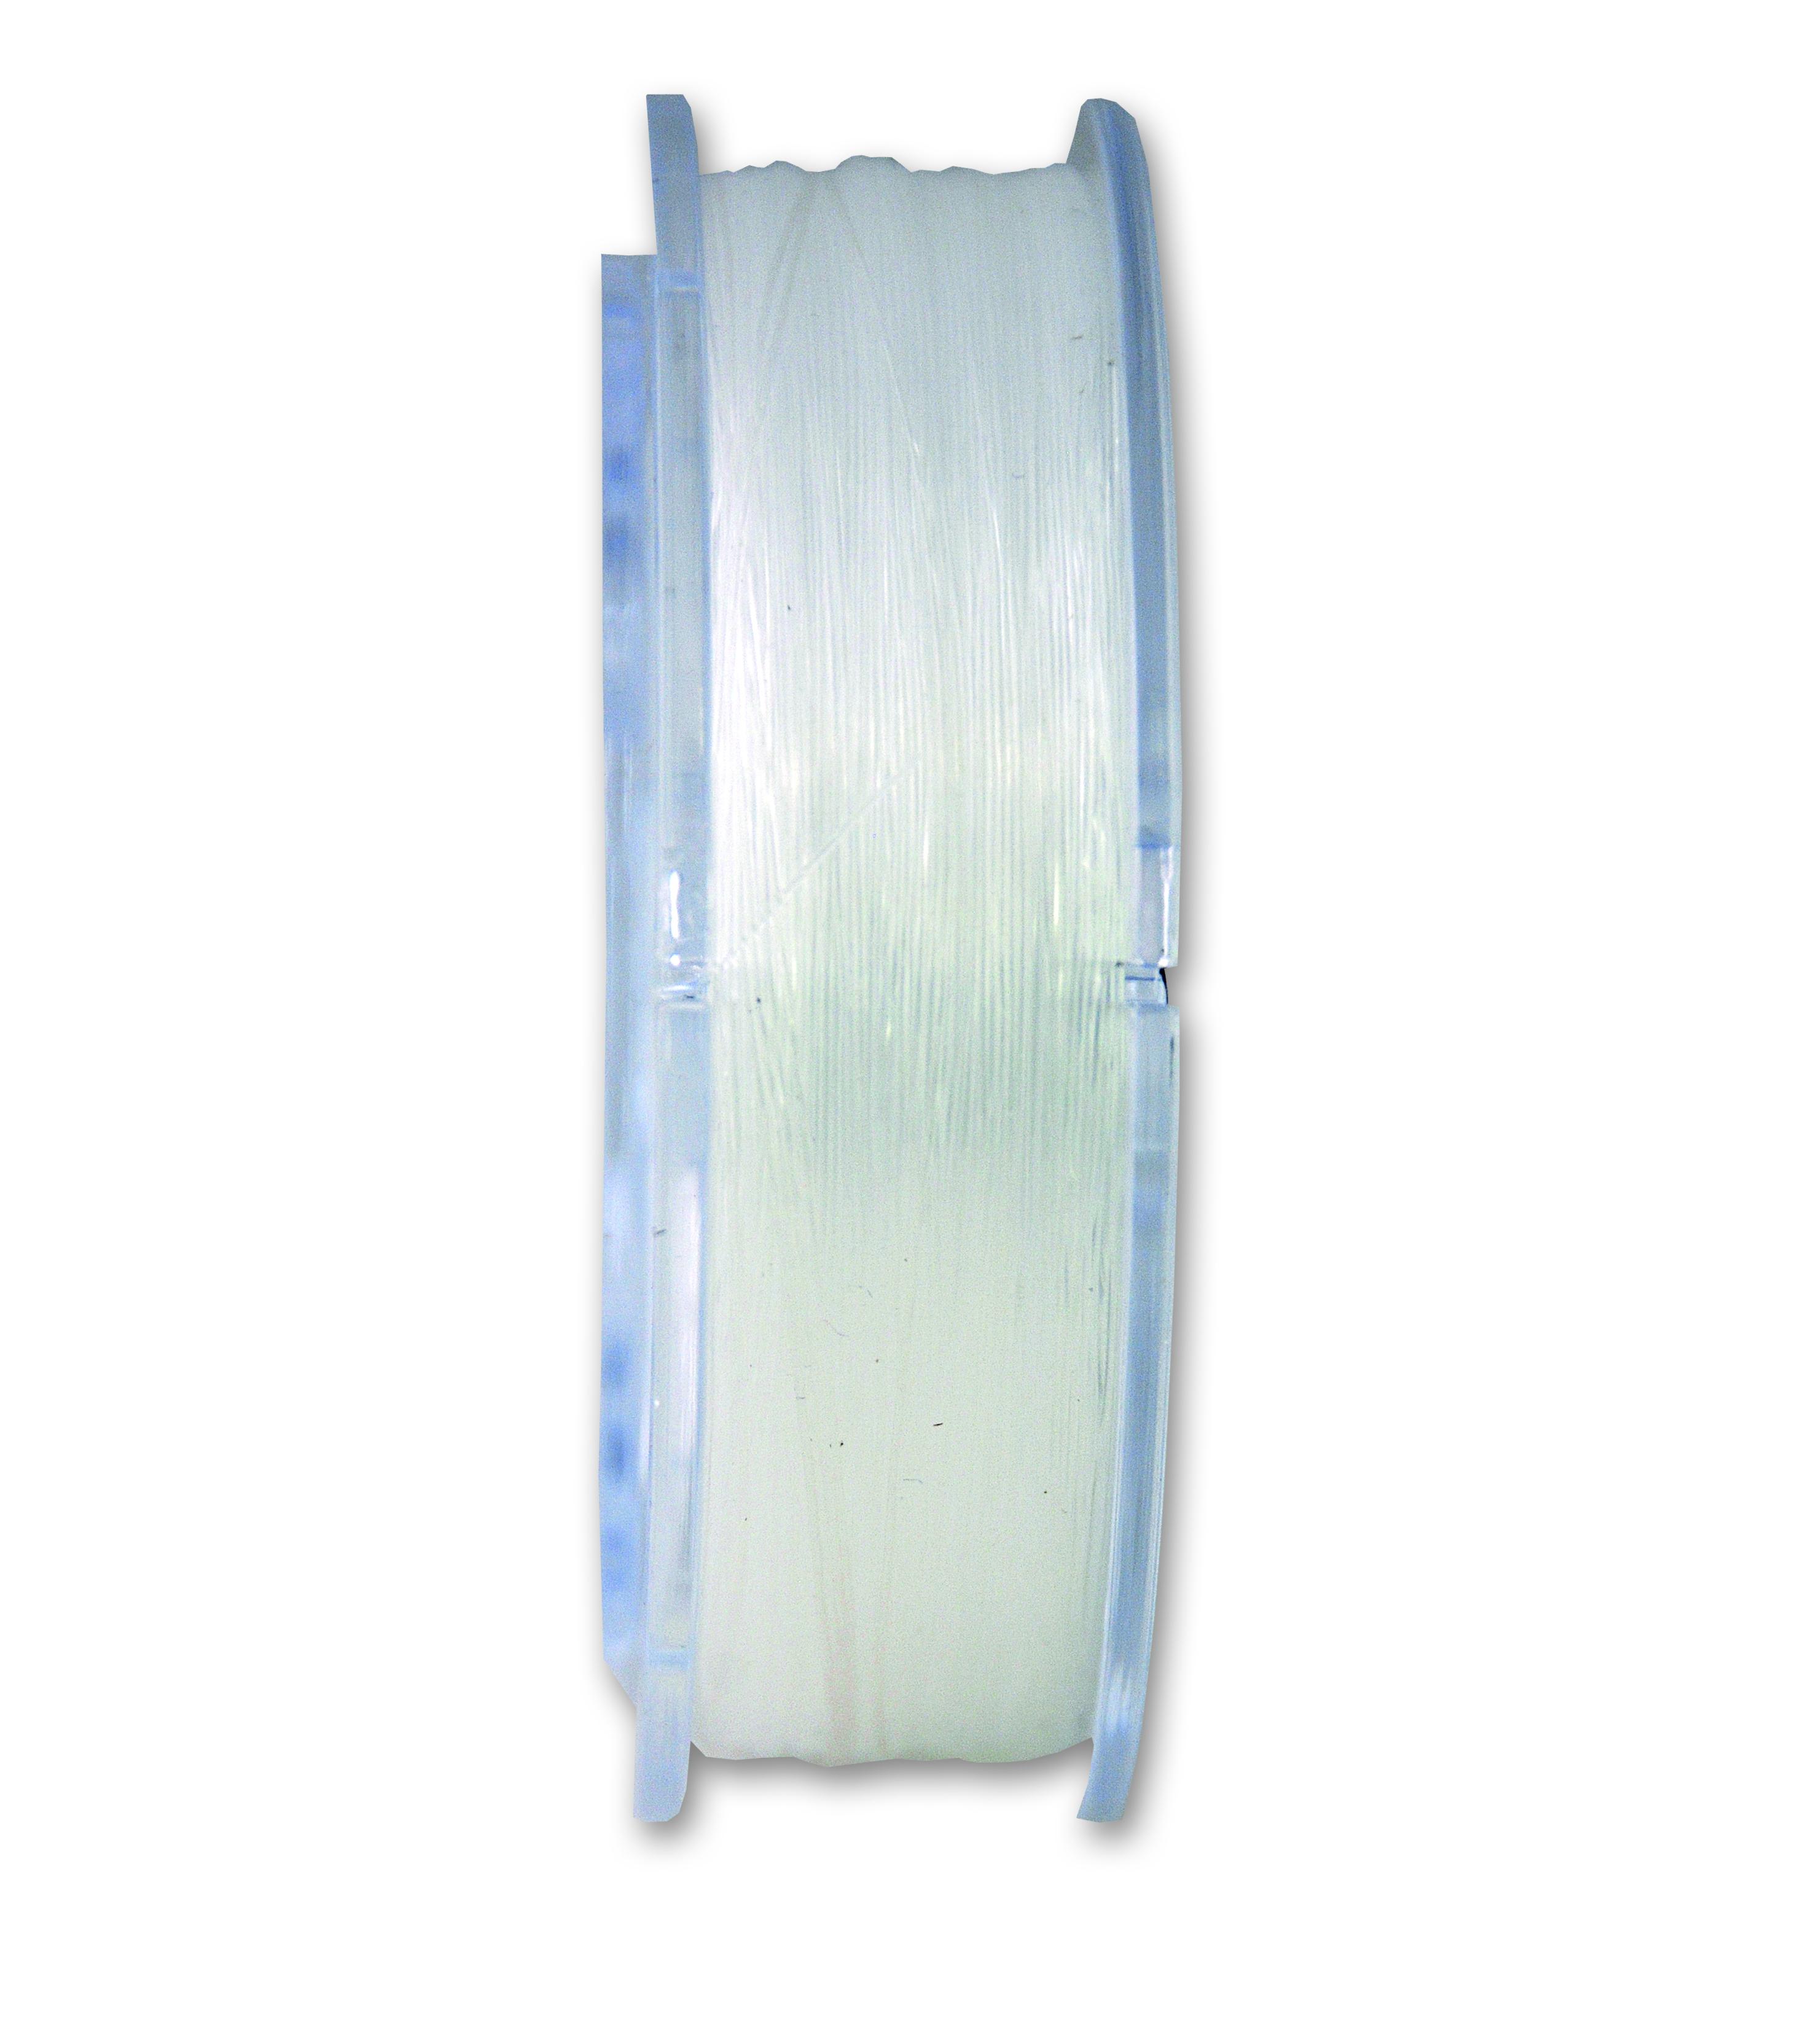 15m 1mm Fil Nylon Tressé 1mm Blanc en Bobine de 15m Blanc